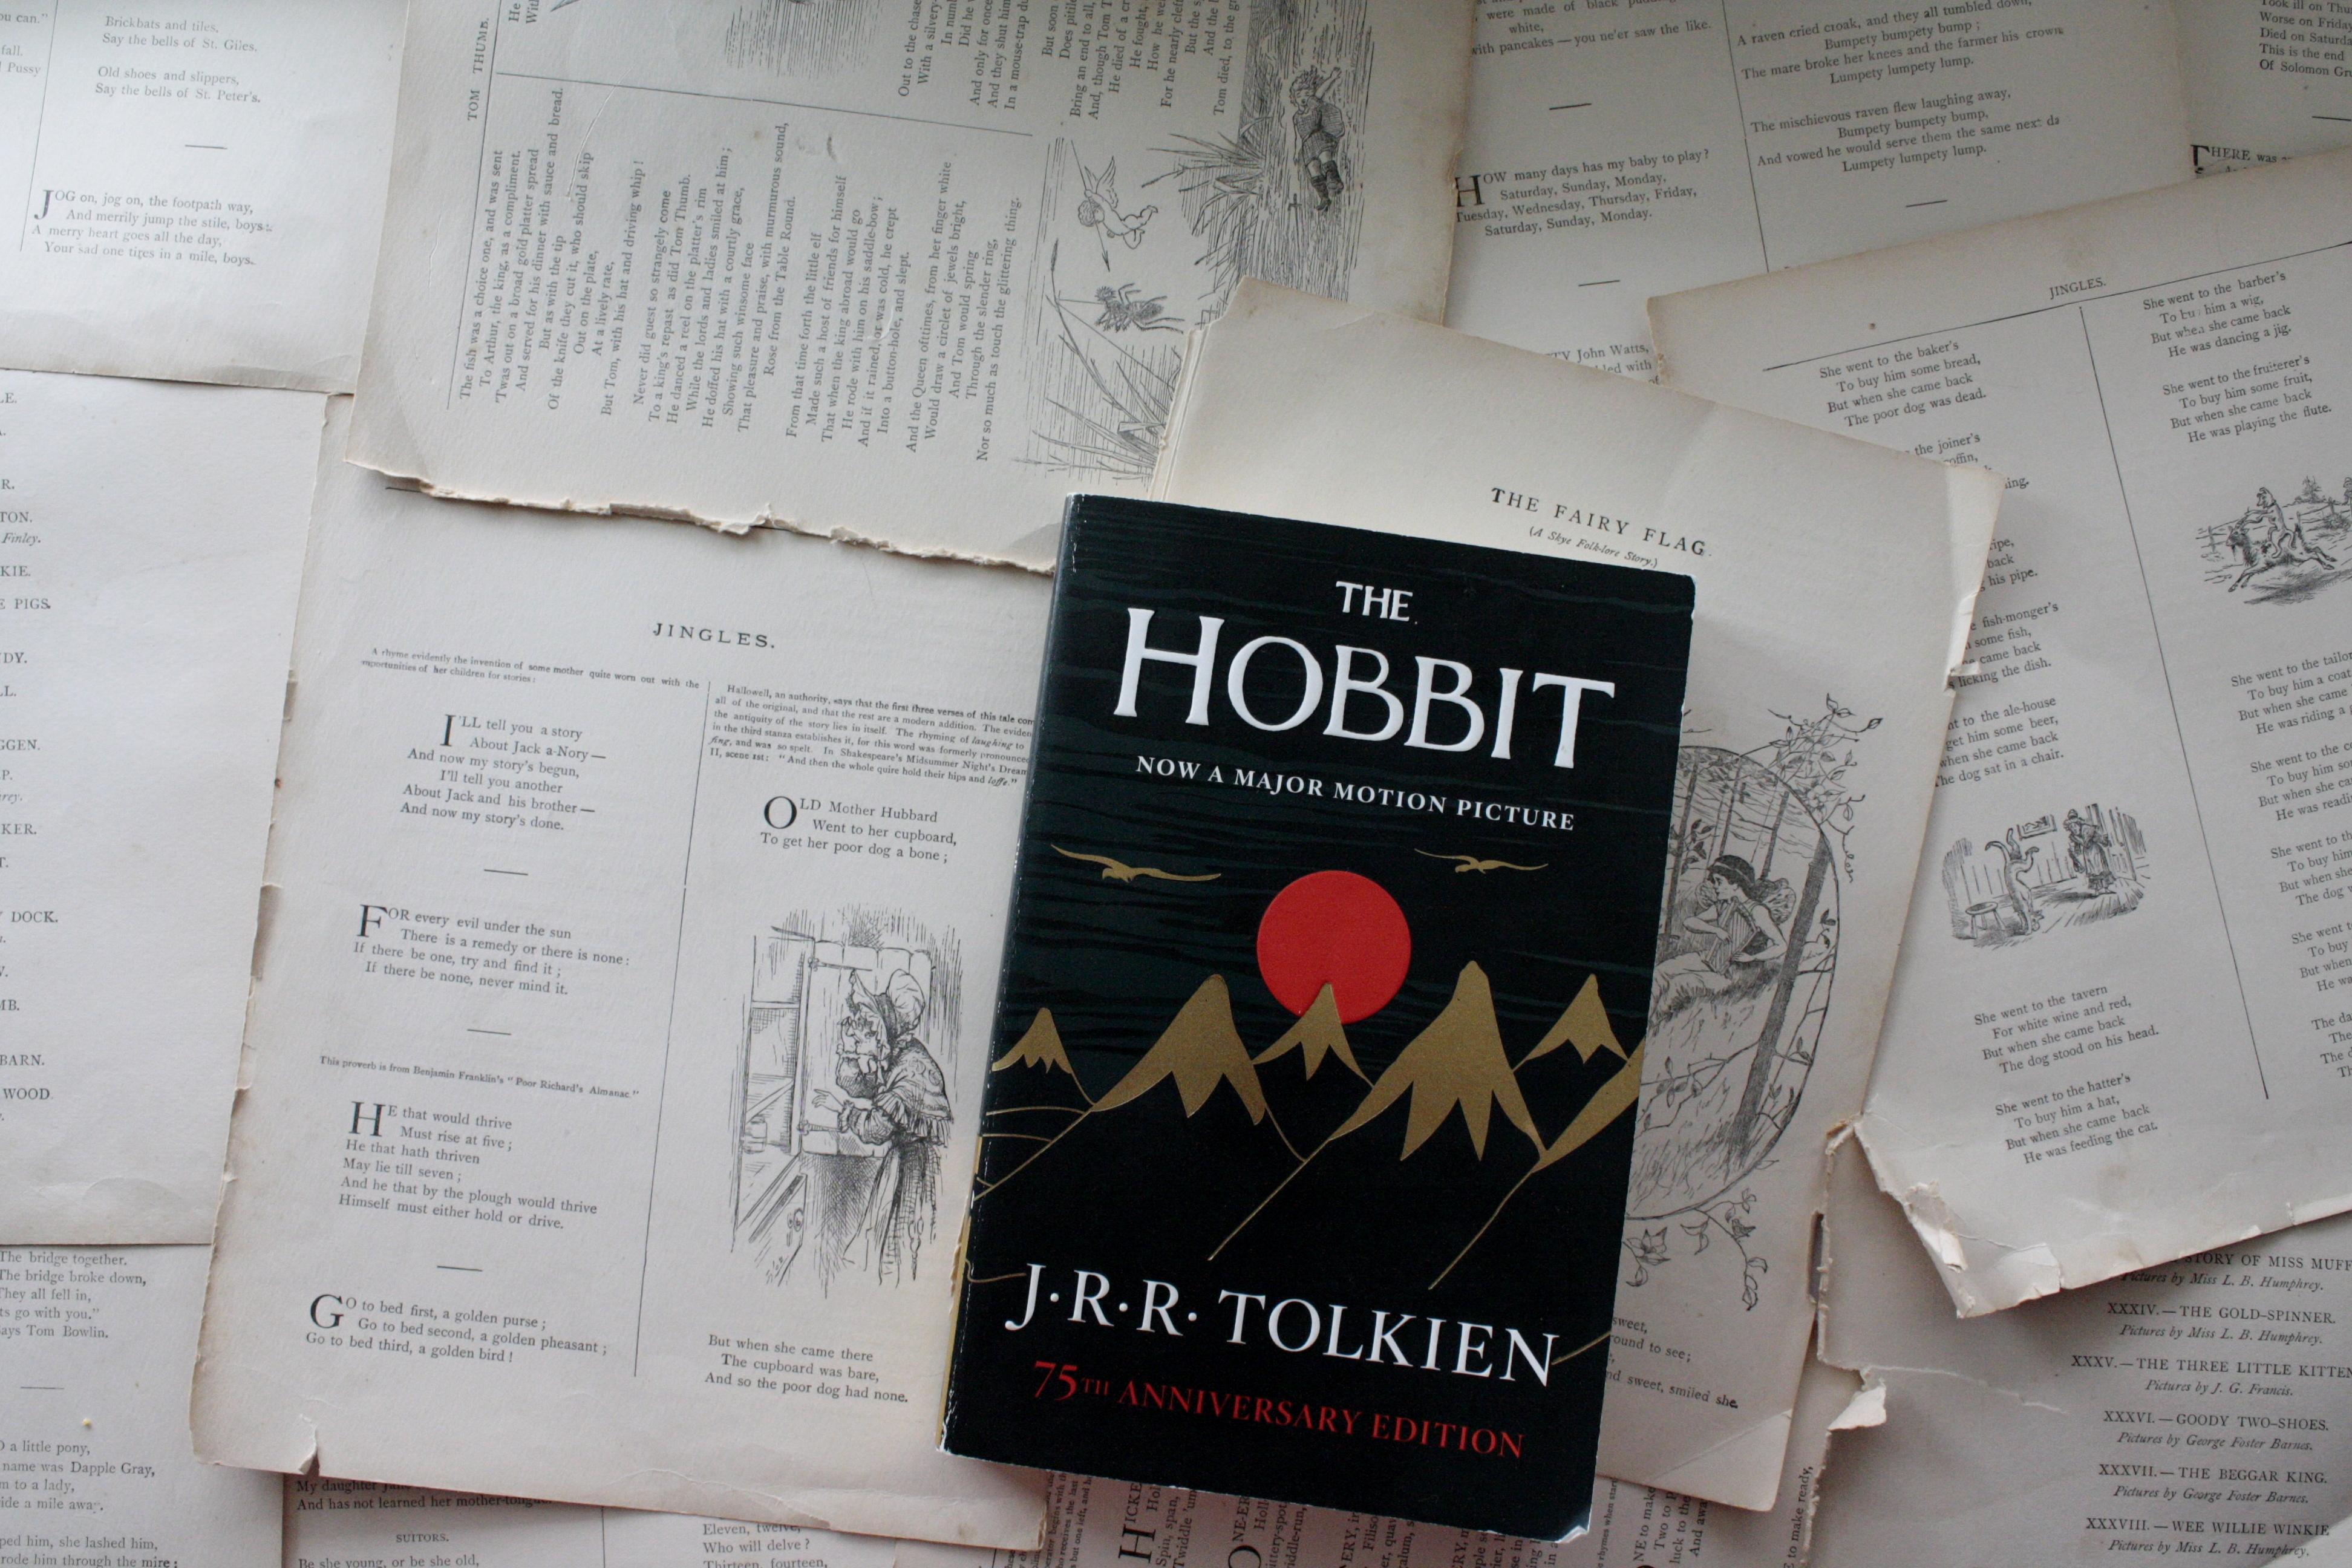 The Hobbit | J.R.R. Tolkien